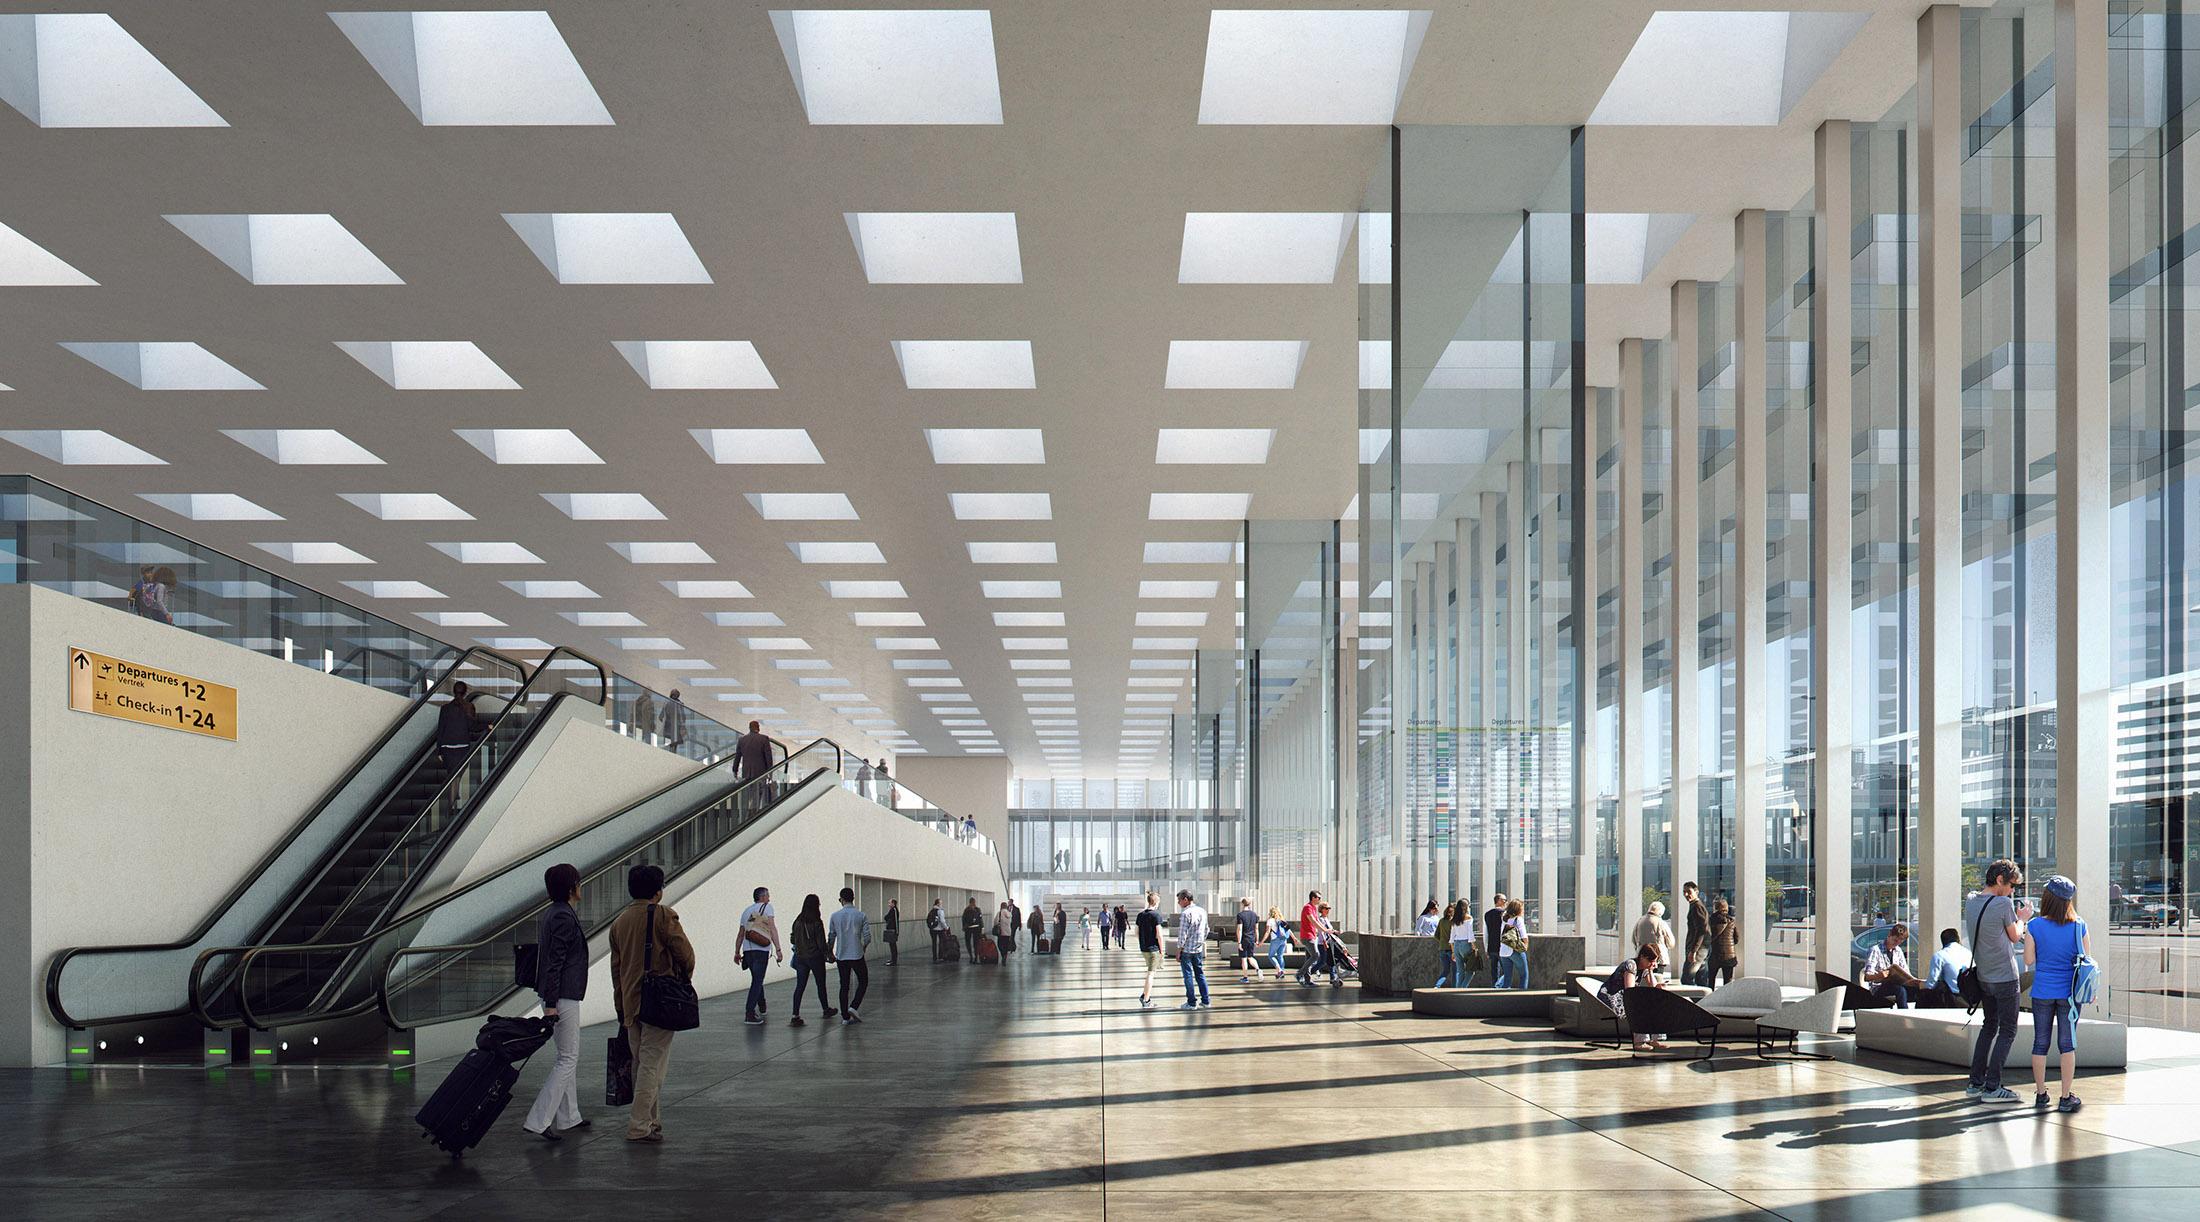 KAAN, Schiphol New Terminal, Netherlands, 2017